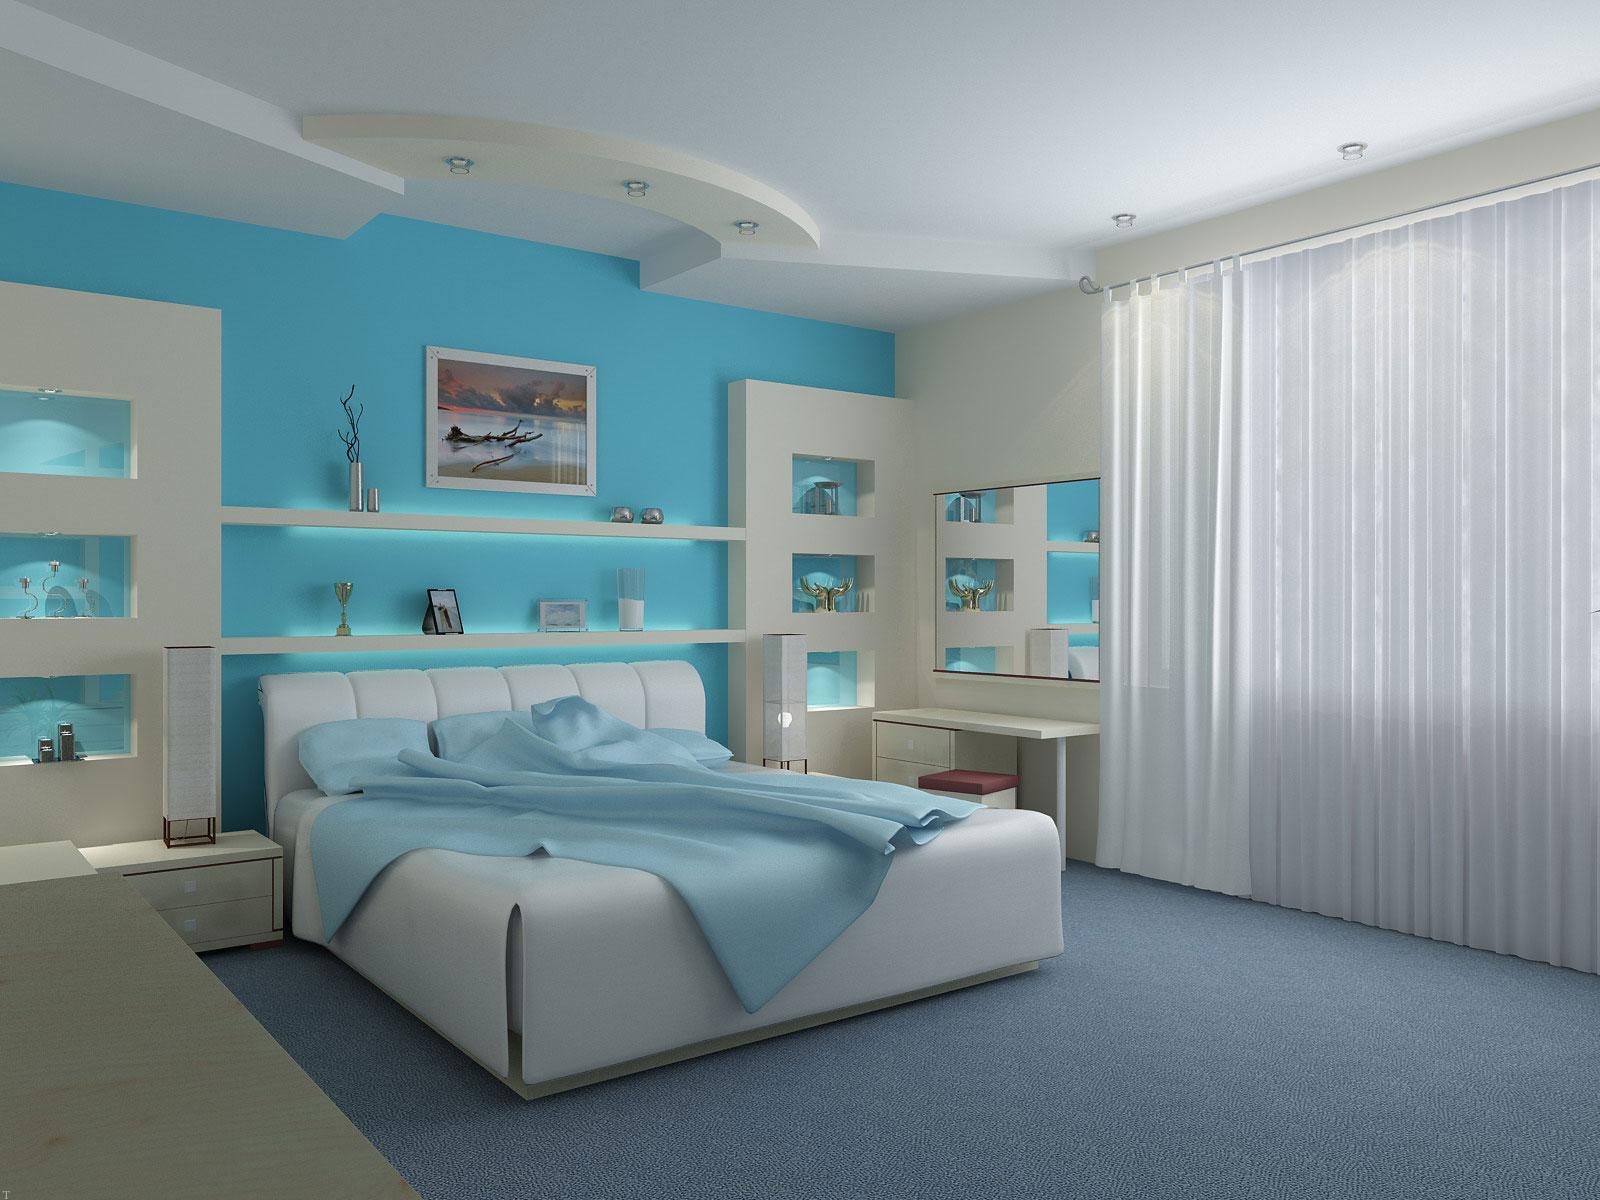 رنگ های مناسب برای تغییر دکوراسیون اتاق خواب